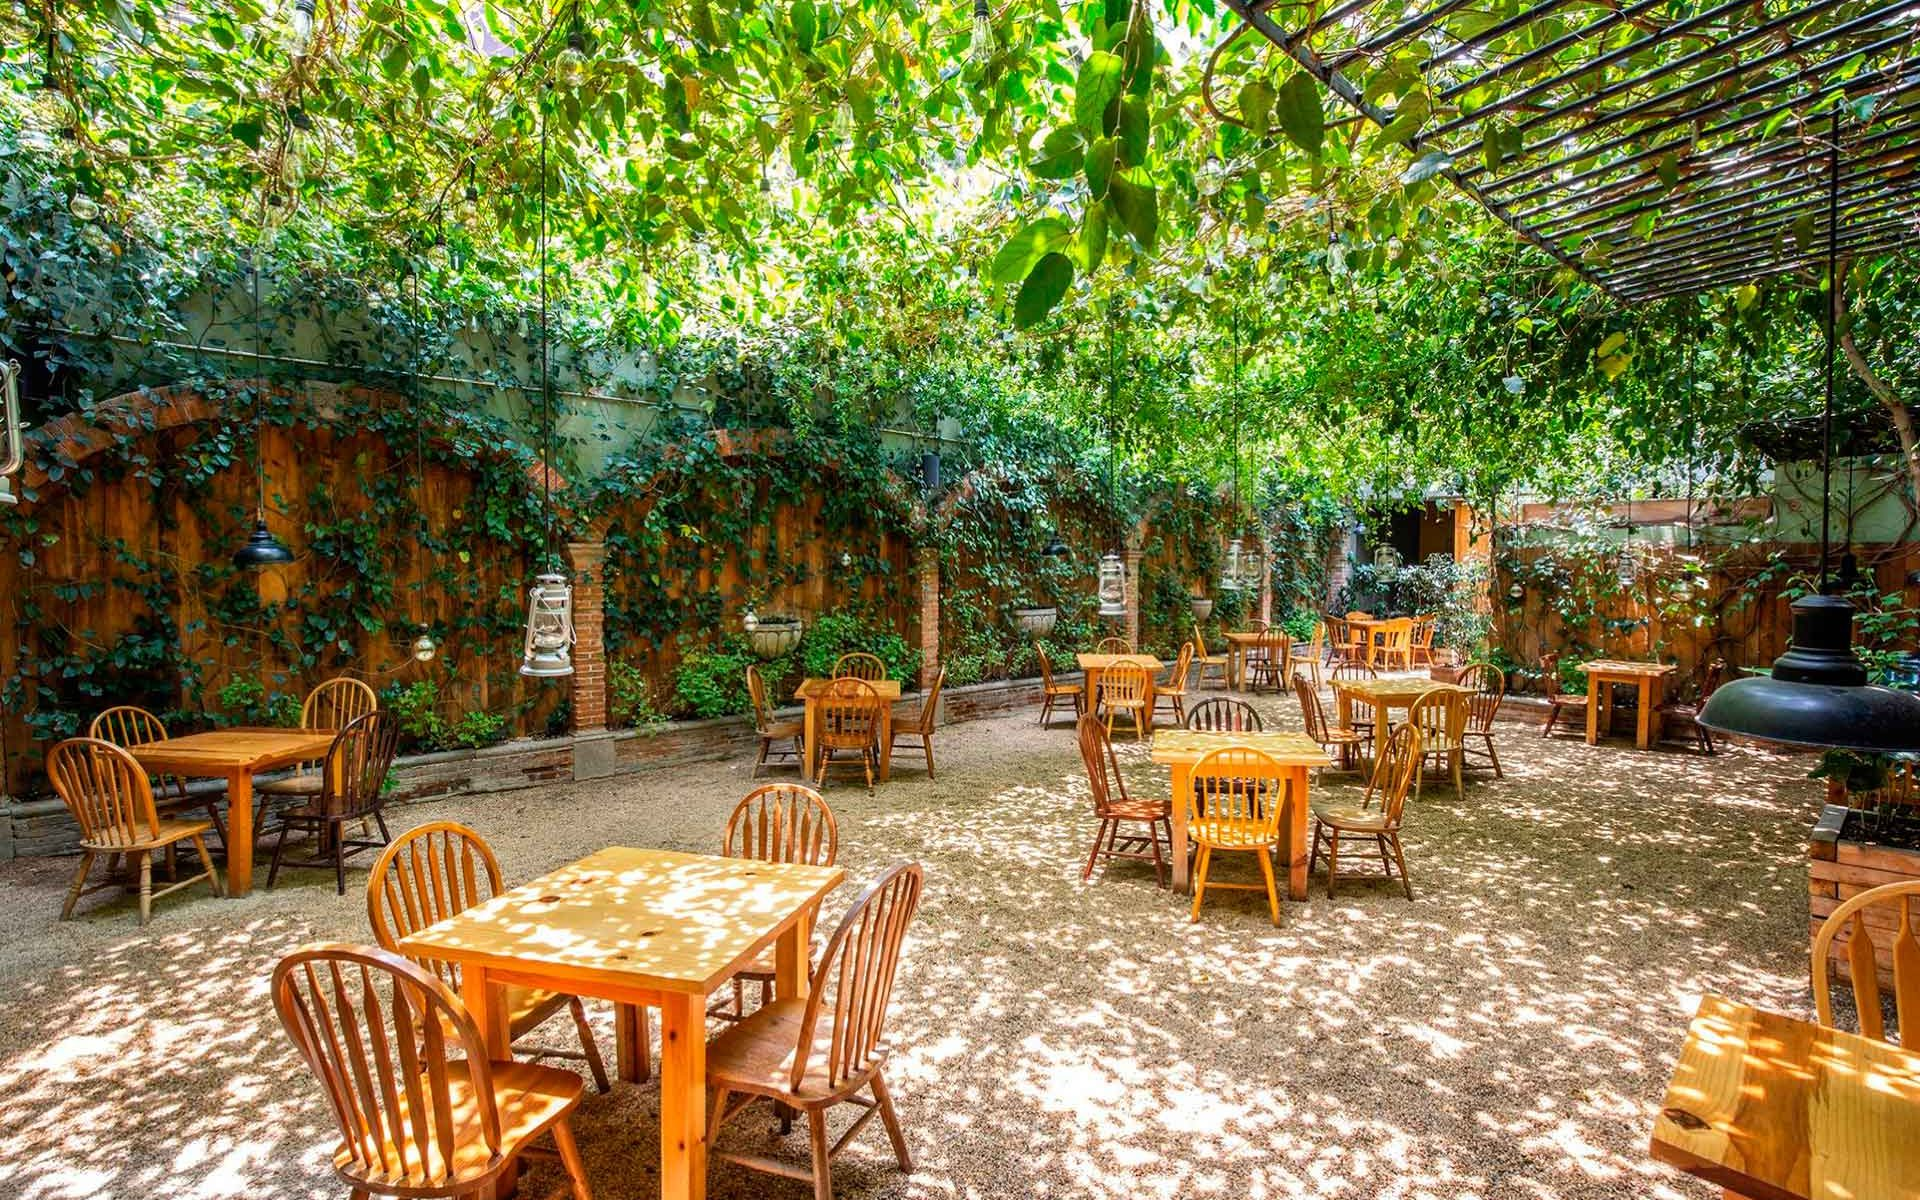 restaurante al aire libre en guatemala